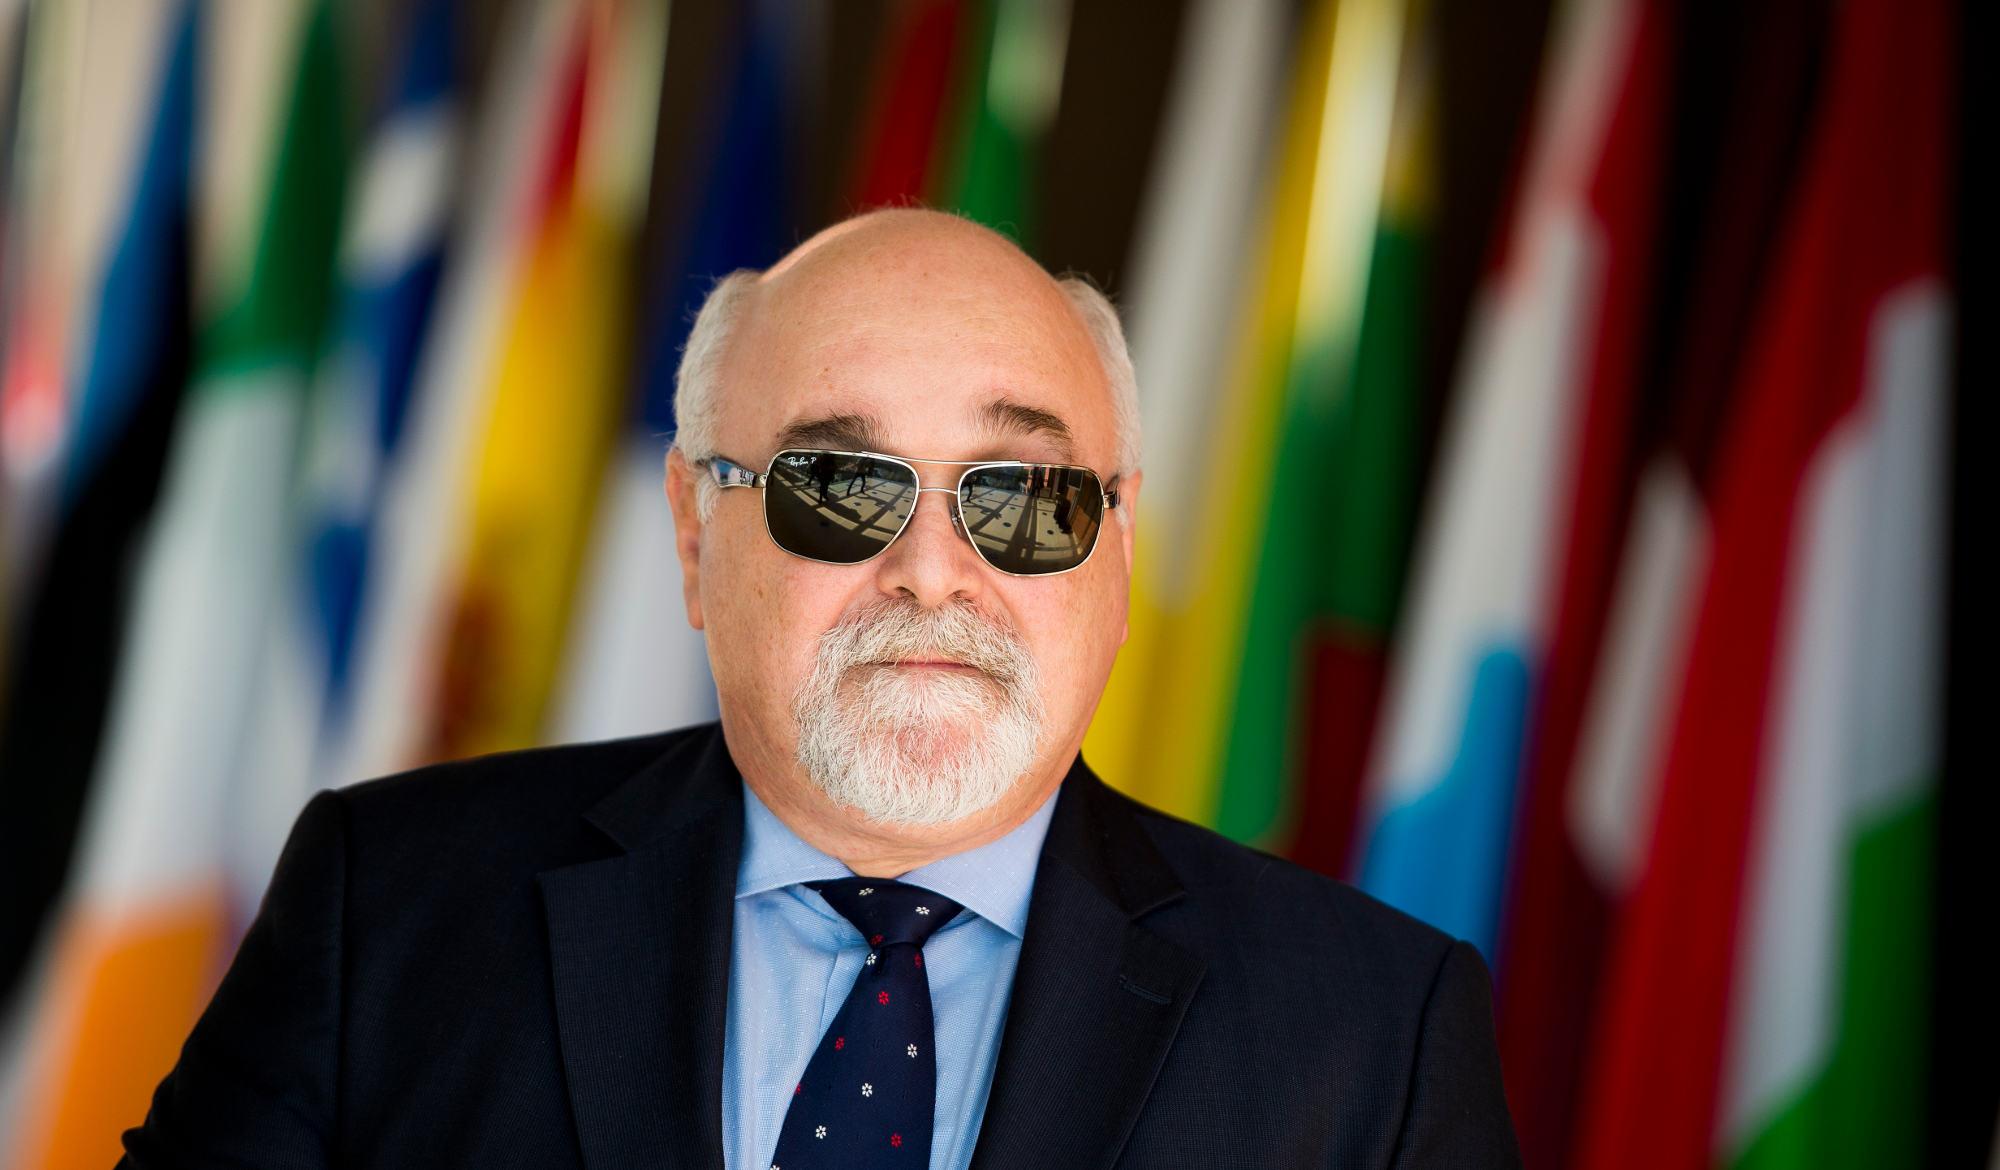 ΕΣΑμεΑ: Ο Ι. Βαρδακαστάνης στον ΠΟΥ για τα θέματα υγείας των ευρωπαίων με αναπηρία